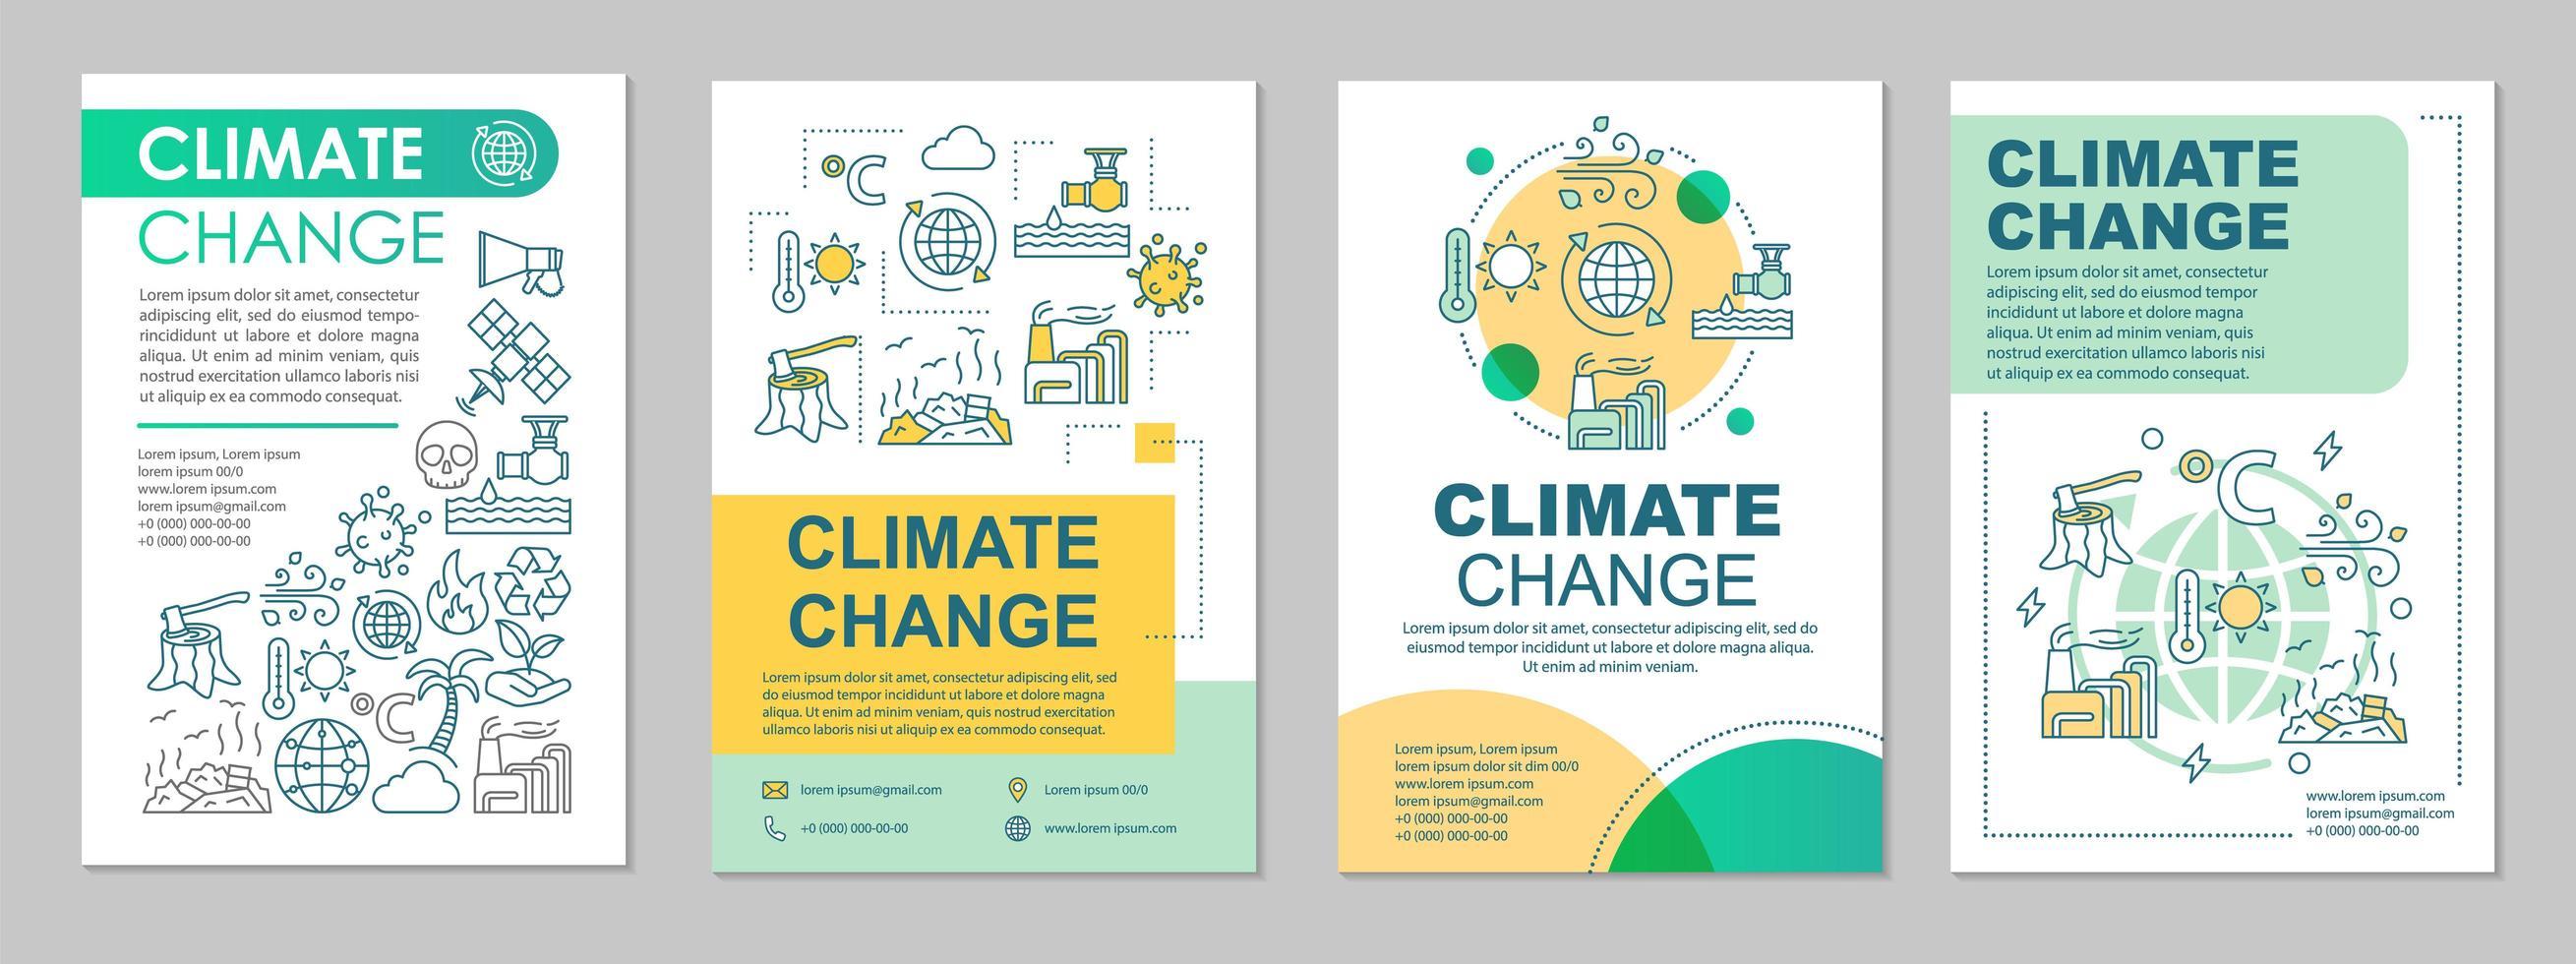 layout do modelo do folheto sobre mudanças climáticas vetor